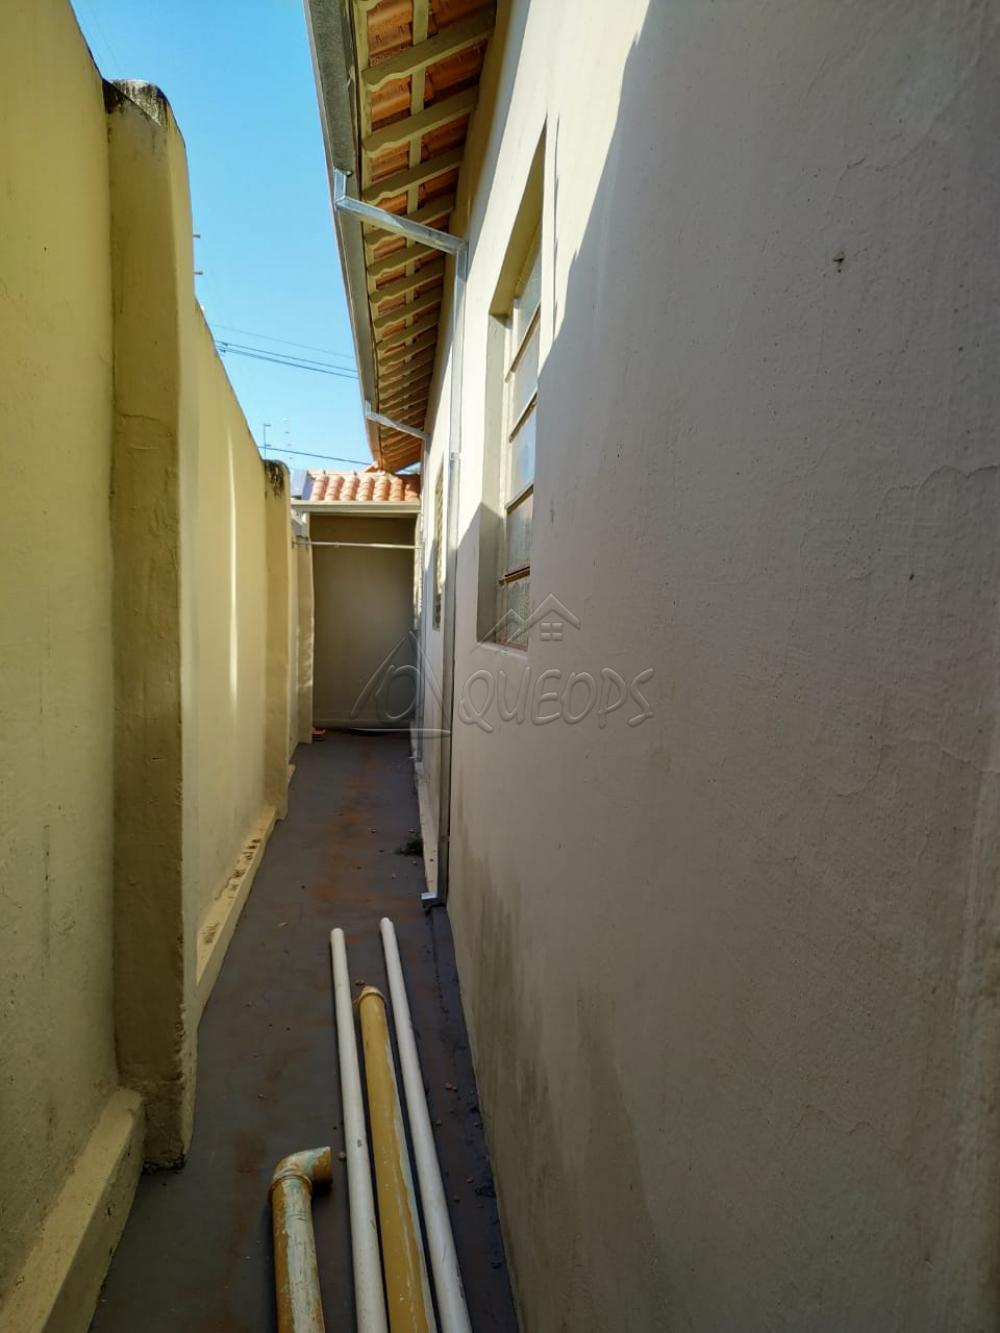 Comprar Casa / Padrão em Barretos apenas R$ 220.000,00 - Foto 15